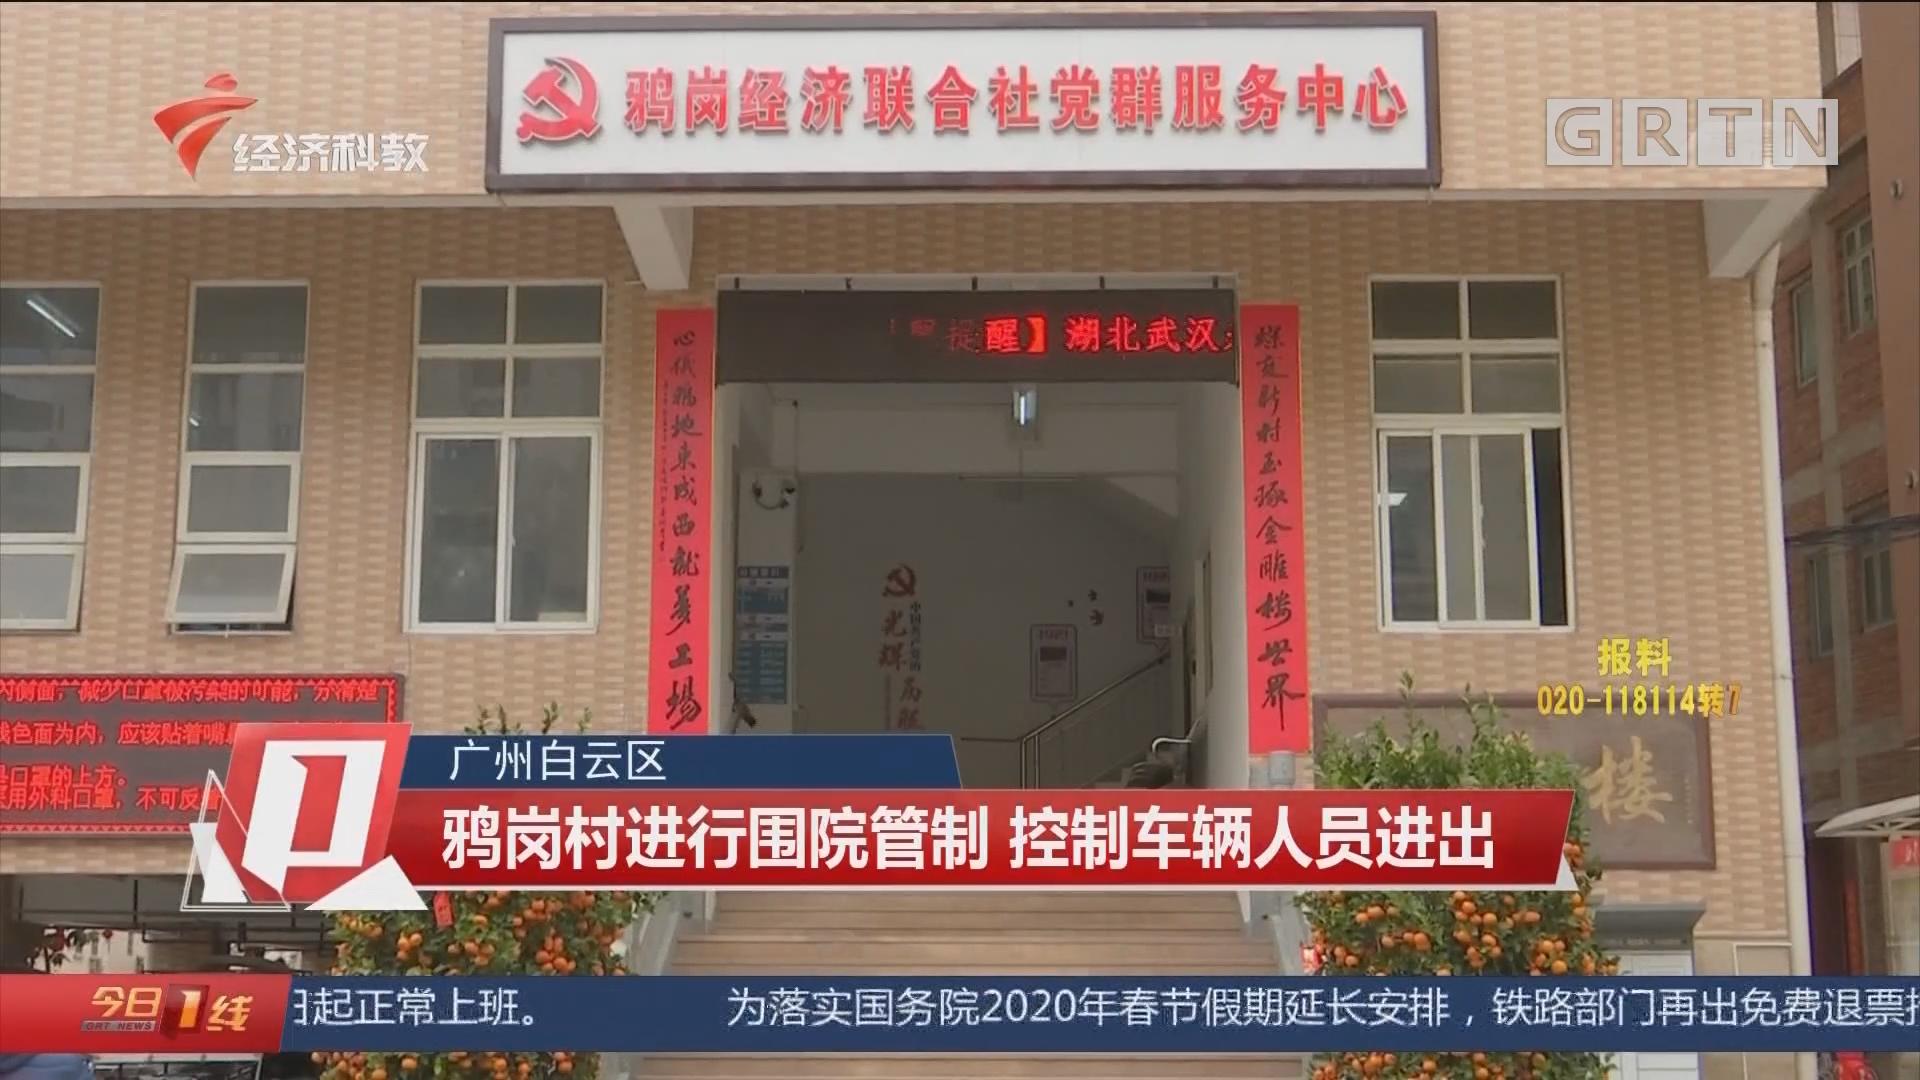 广州白云区:鸦岗村进行围院管制 控制车辆人员进出